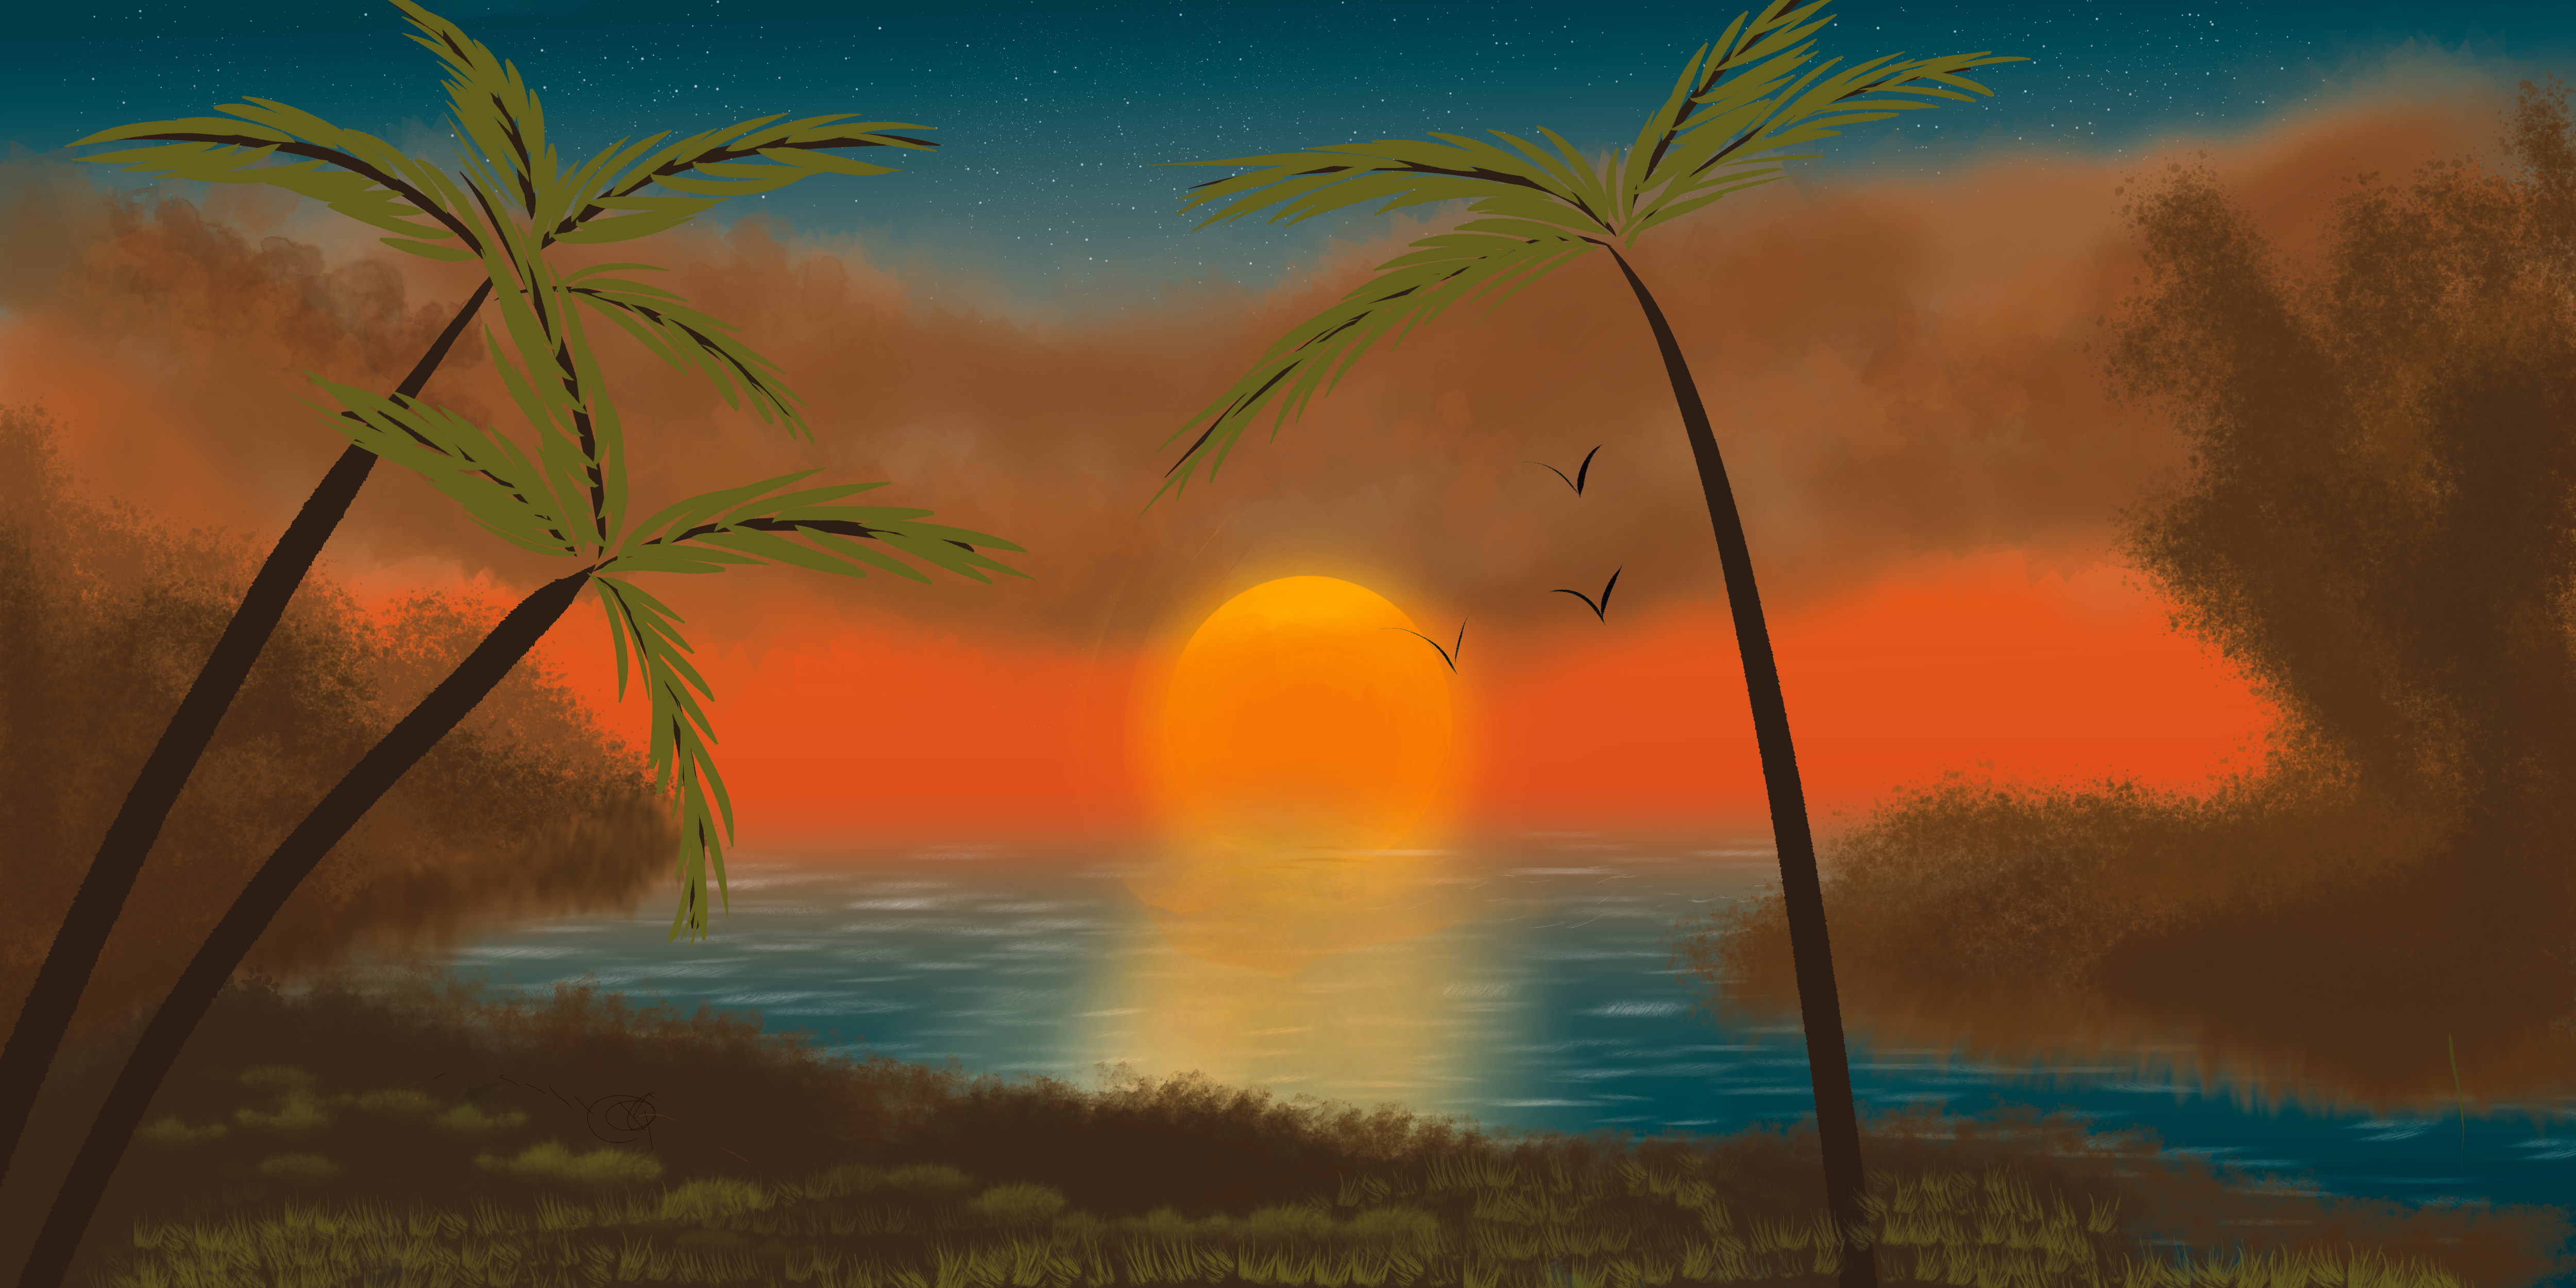 Sunset by Yash Bandary